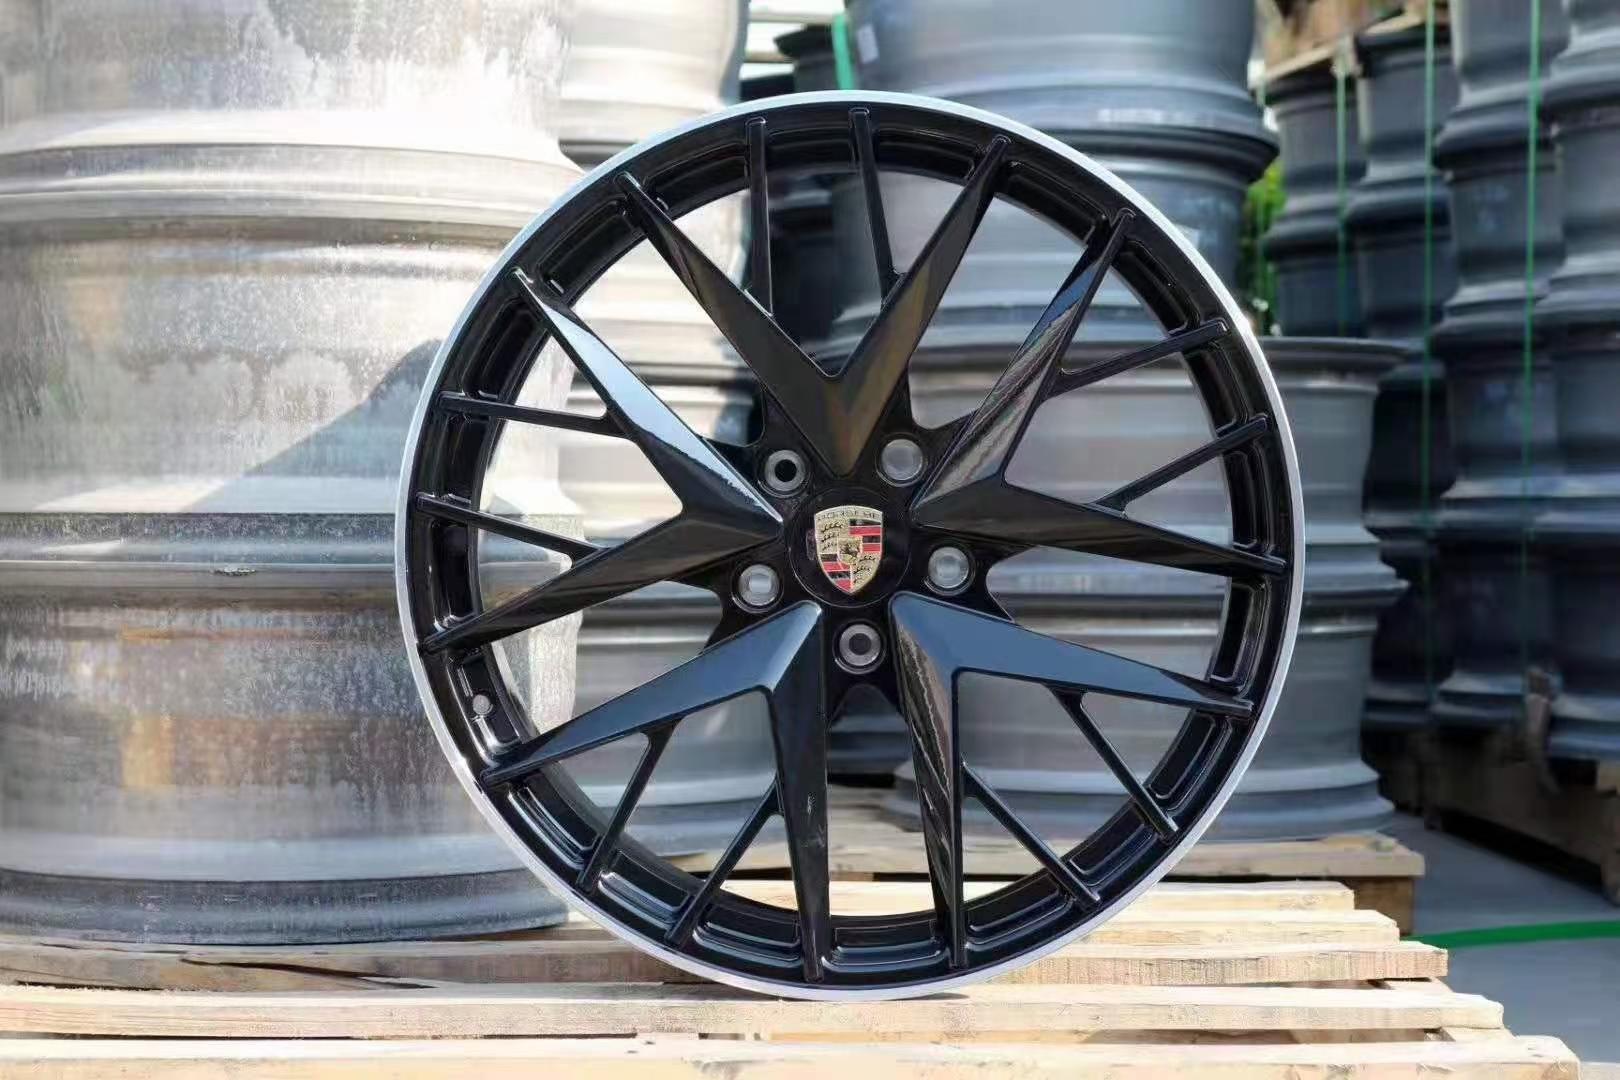 适配 保时捷帕拉梅拉 20寸锻造轮毂 6061航空铝材